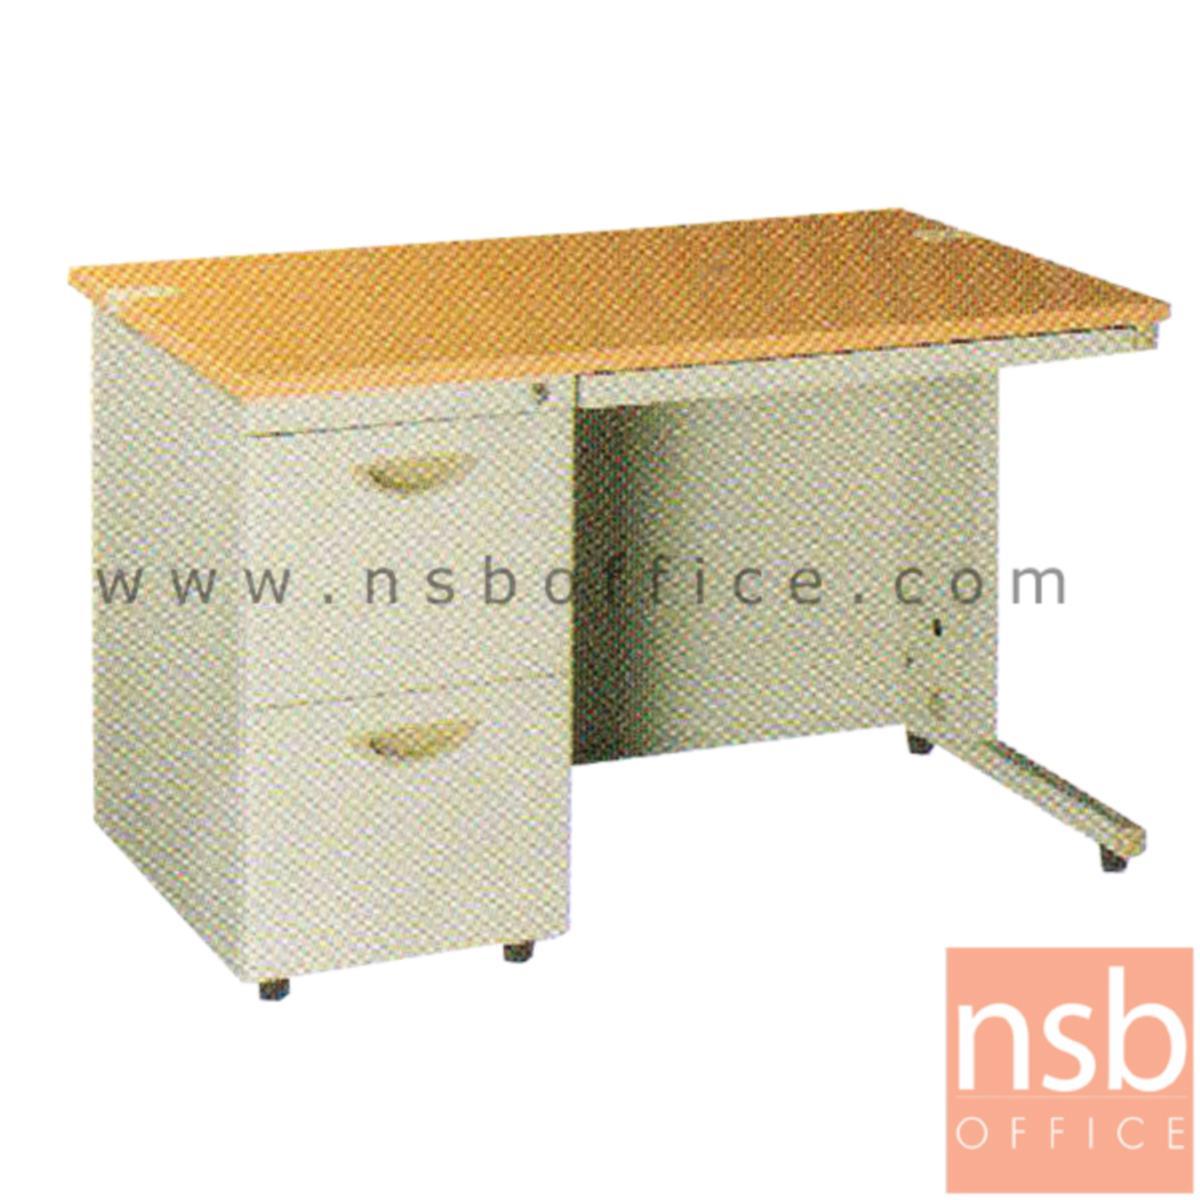 E28A112:โต๊ะทำงานเหล็กพร้อมรางคีย์บอร์ด 2 ลิ้นชักข้าง ยี่ห้อ Lucky  รุ่น D2-75100,D2-75120,D2-75140